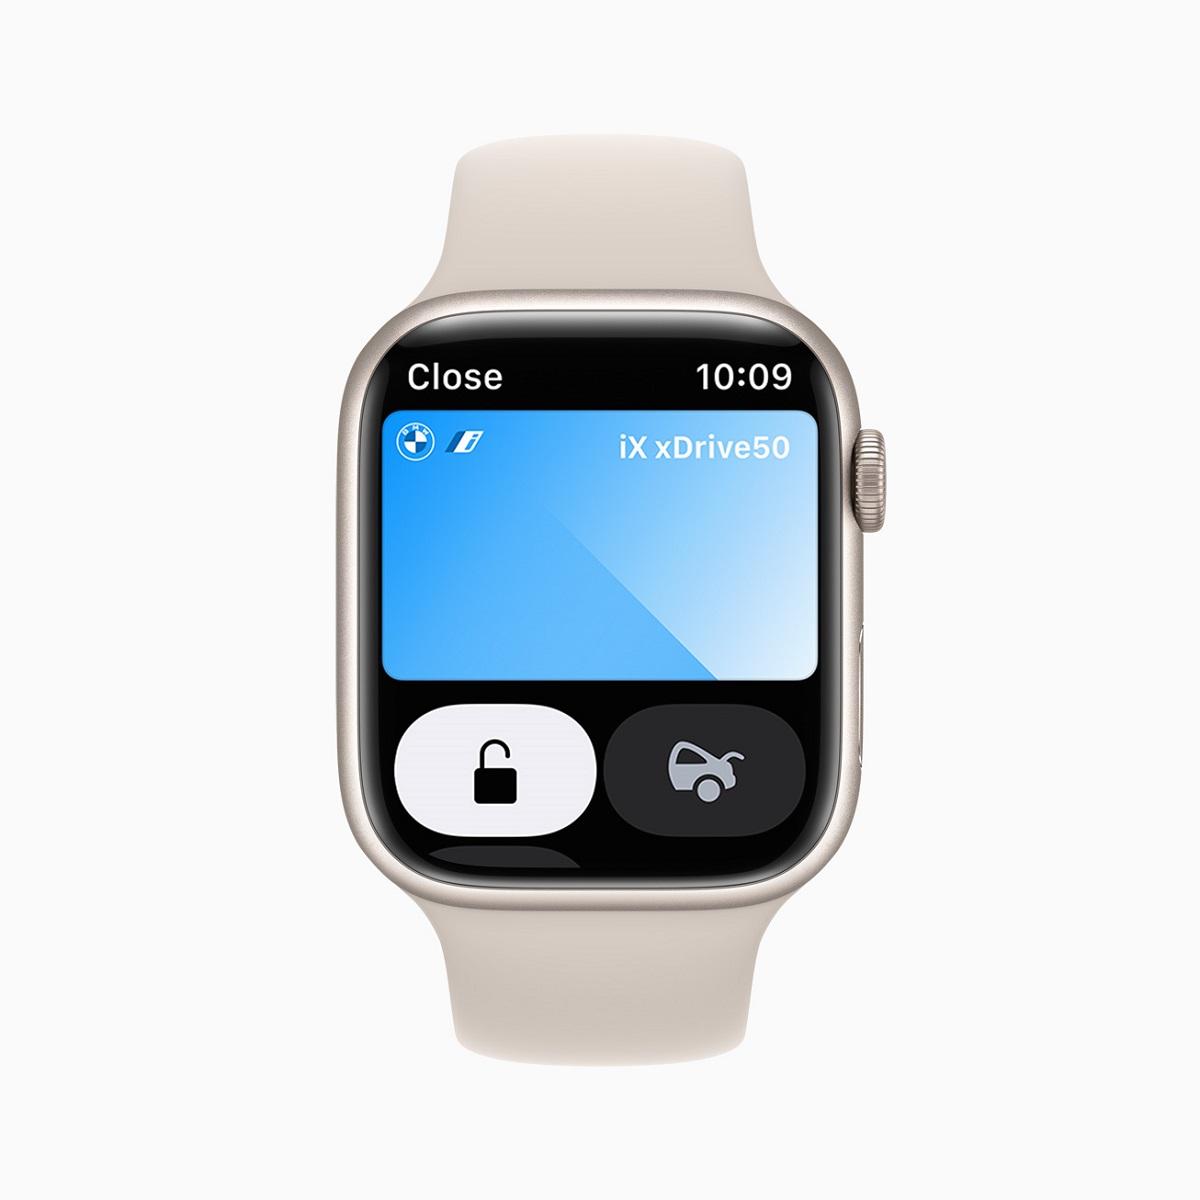 С помощью цифровых ключей от машины владельцы Apple Watch могут безопасно разблокировать свой автомобиль на расстоянии и выполнять другие функции.